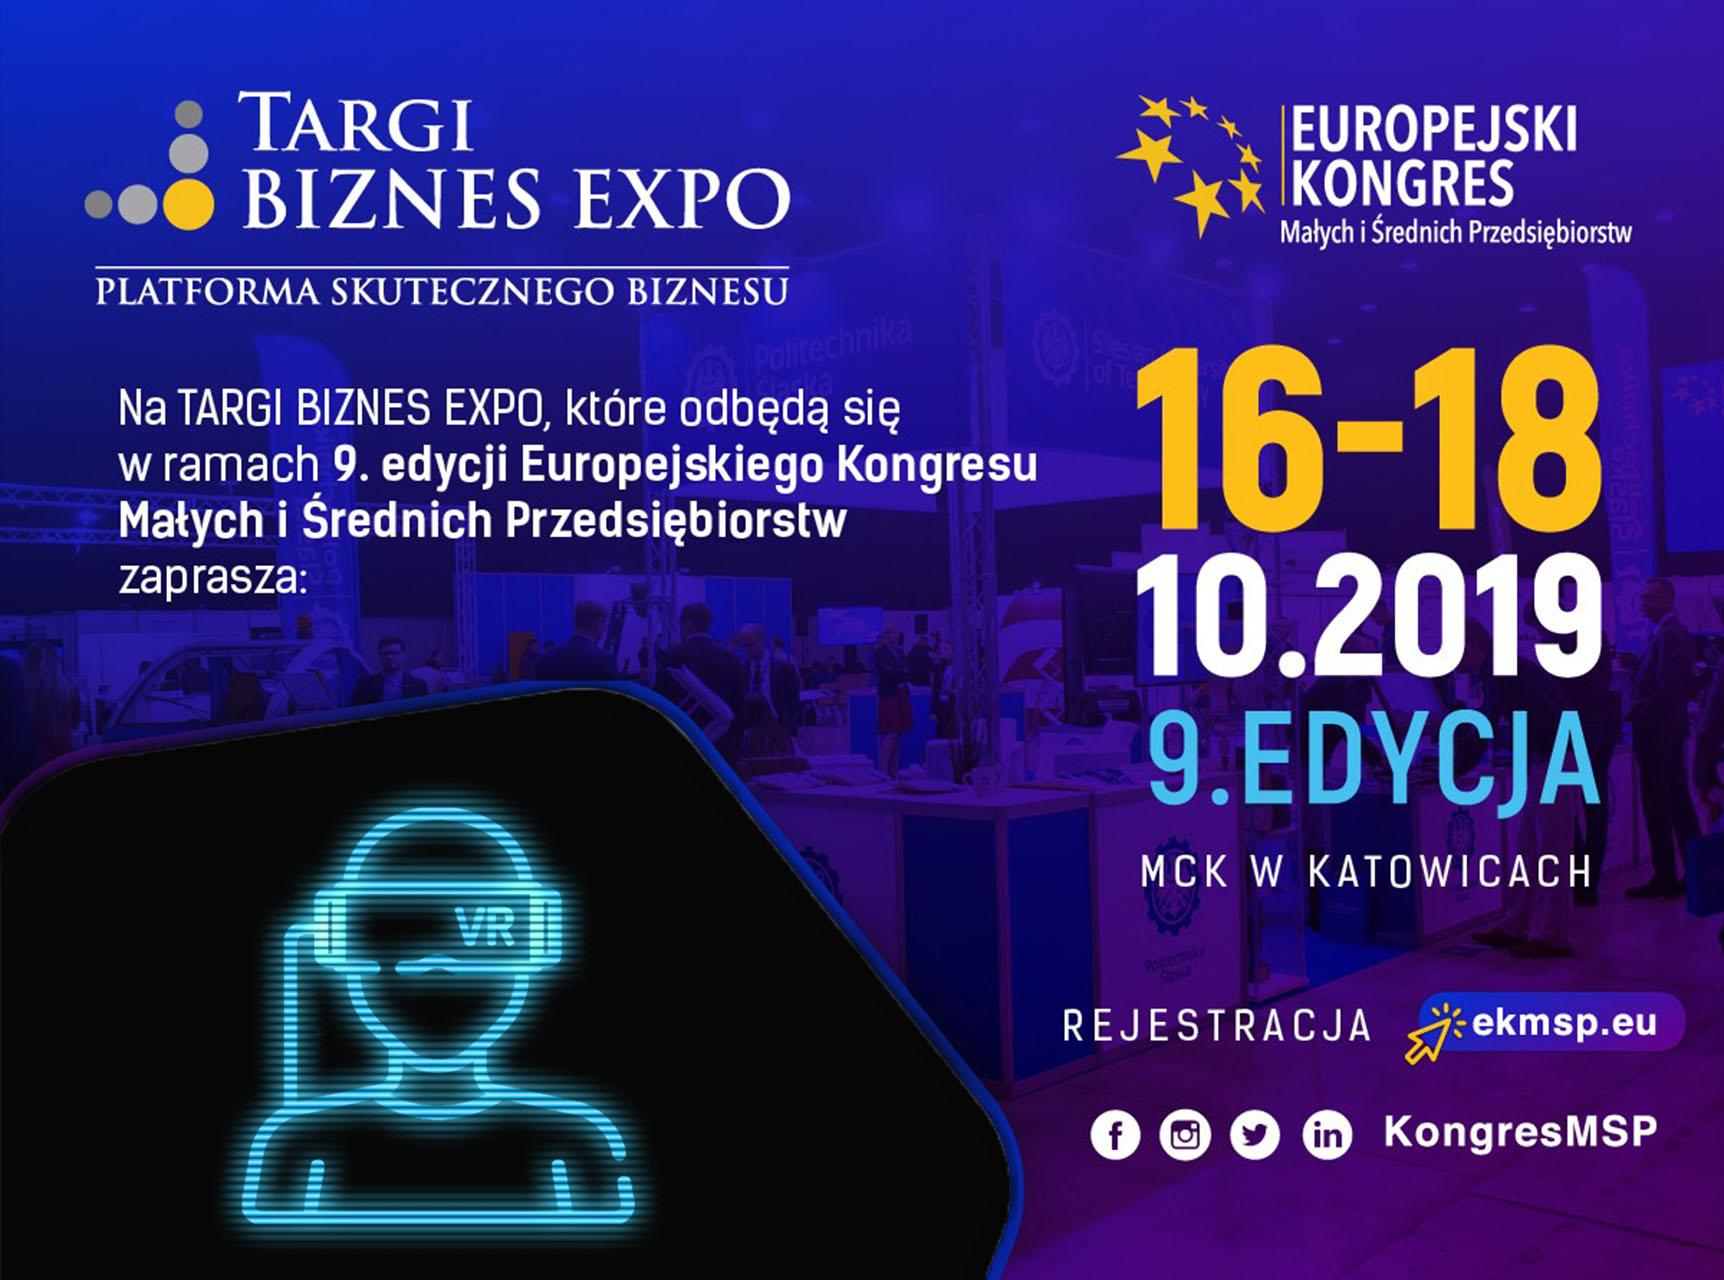 Kongres Europejski Cybermagia